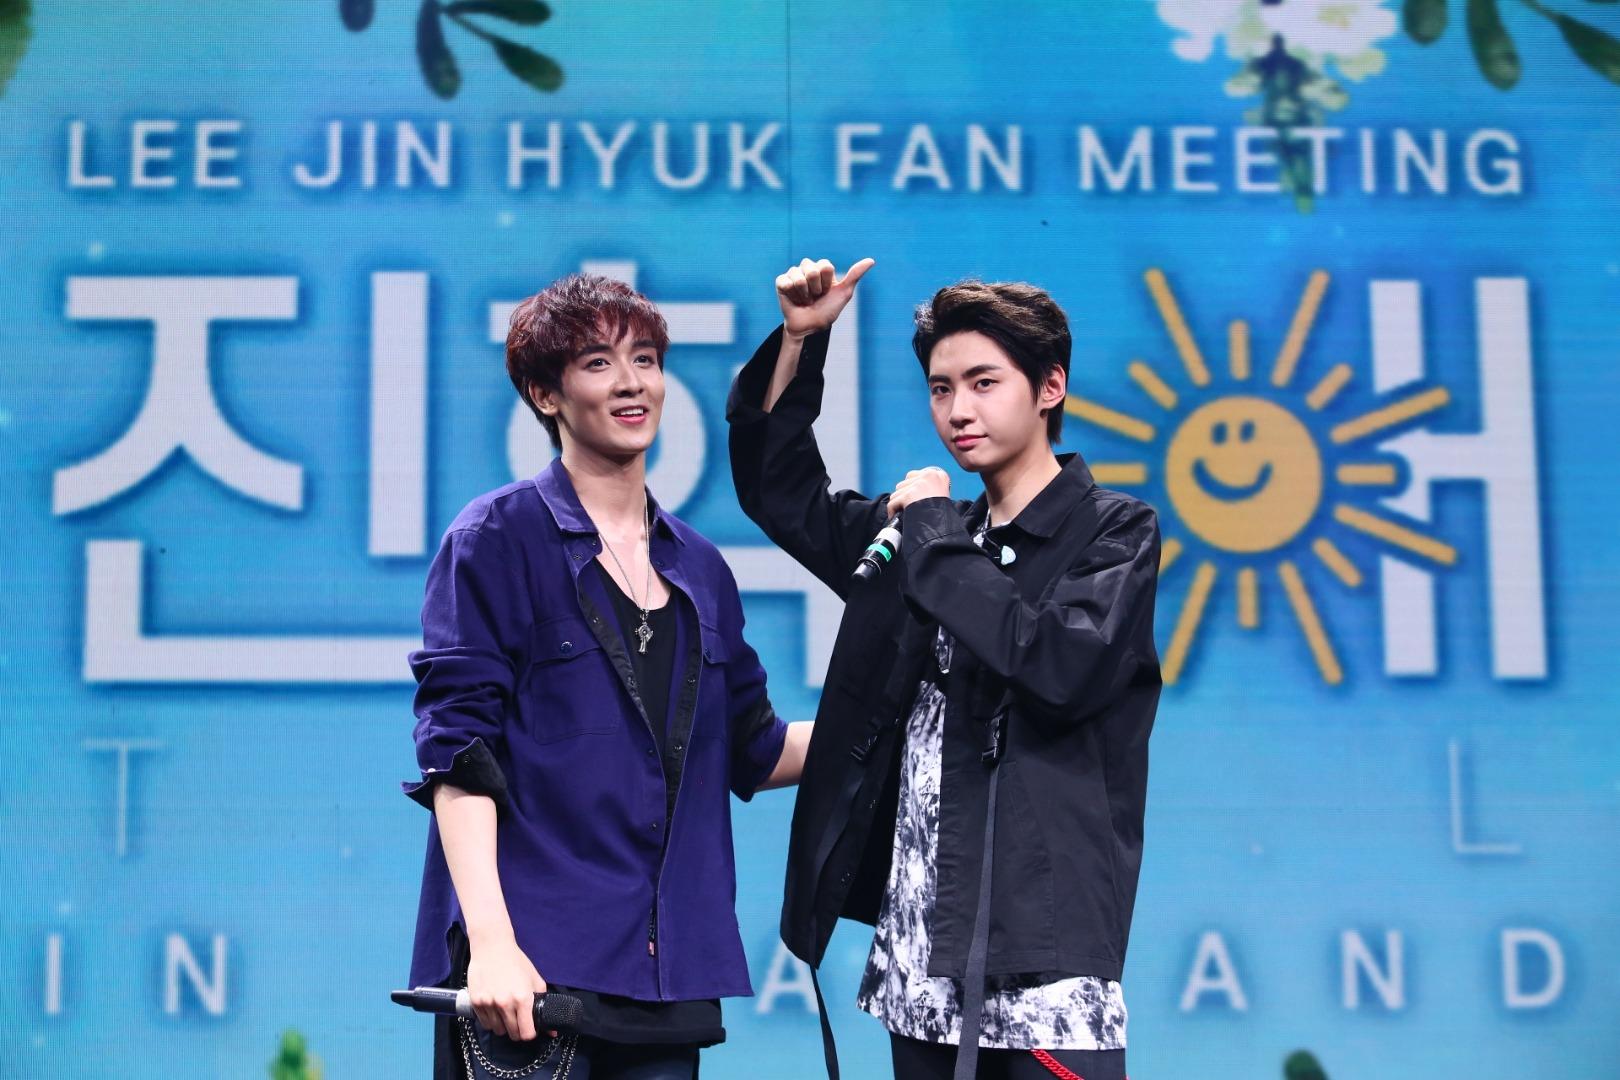 Lee Jin Hyuk Fan Meeting